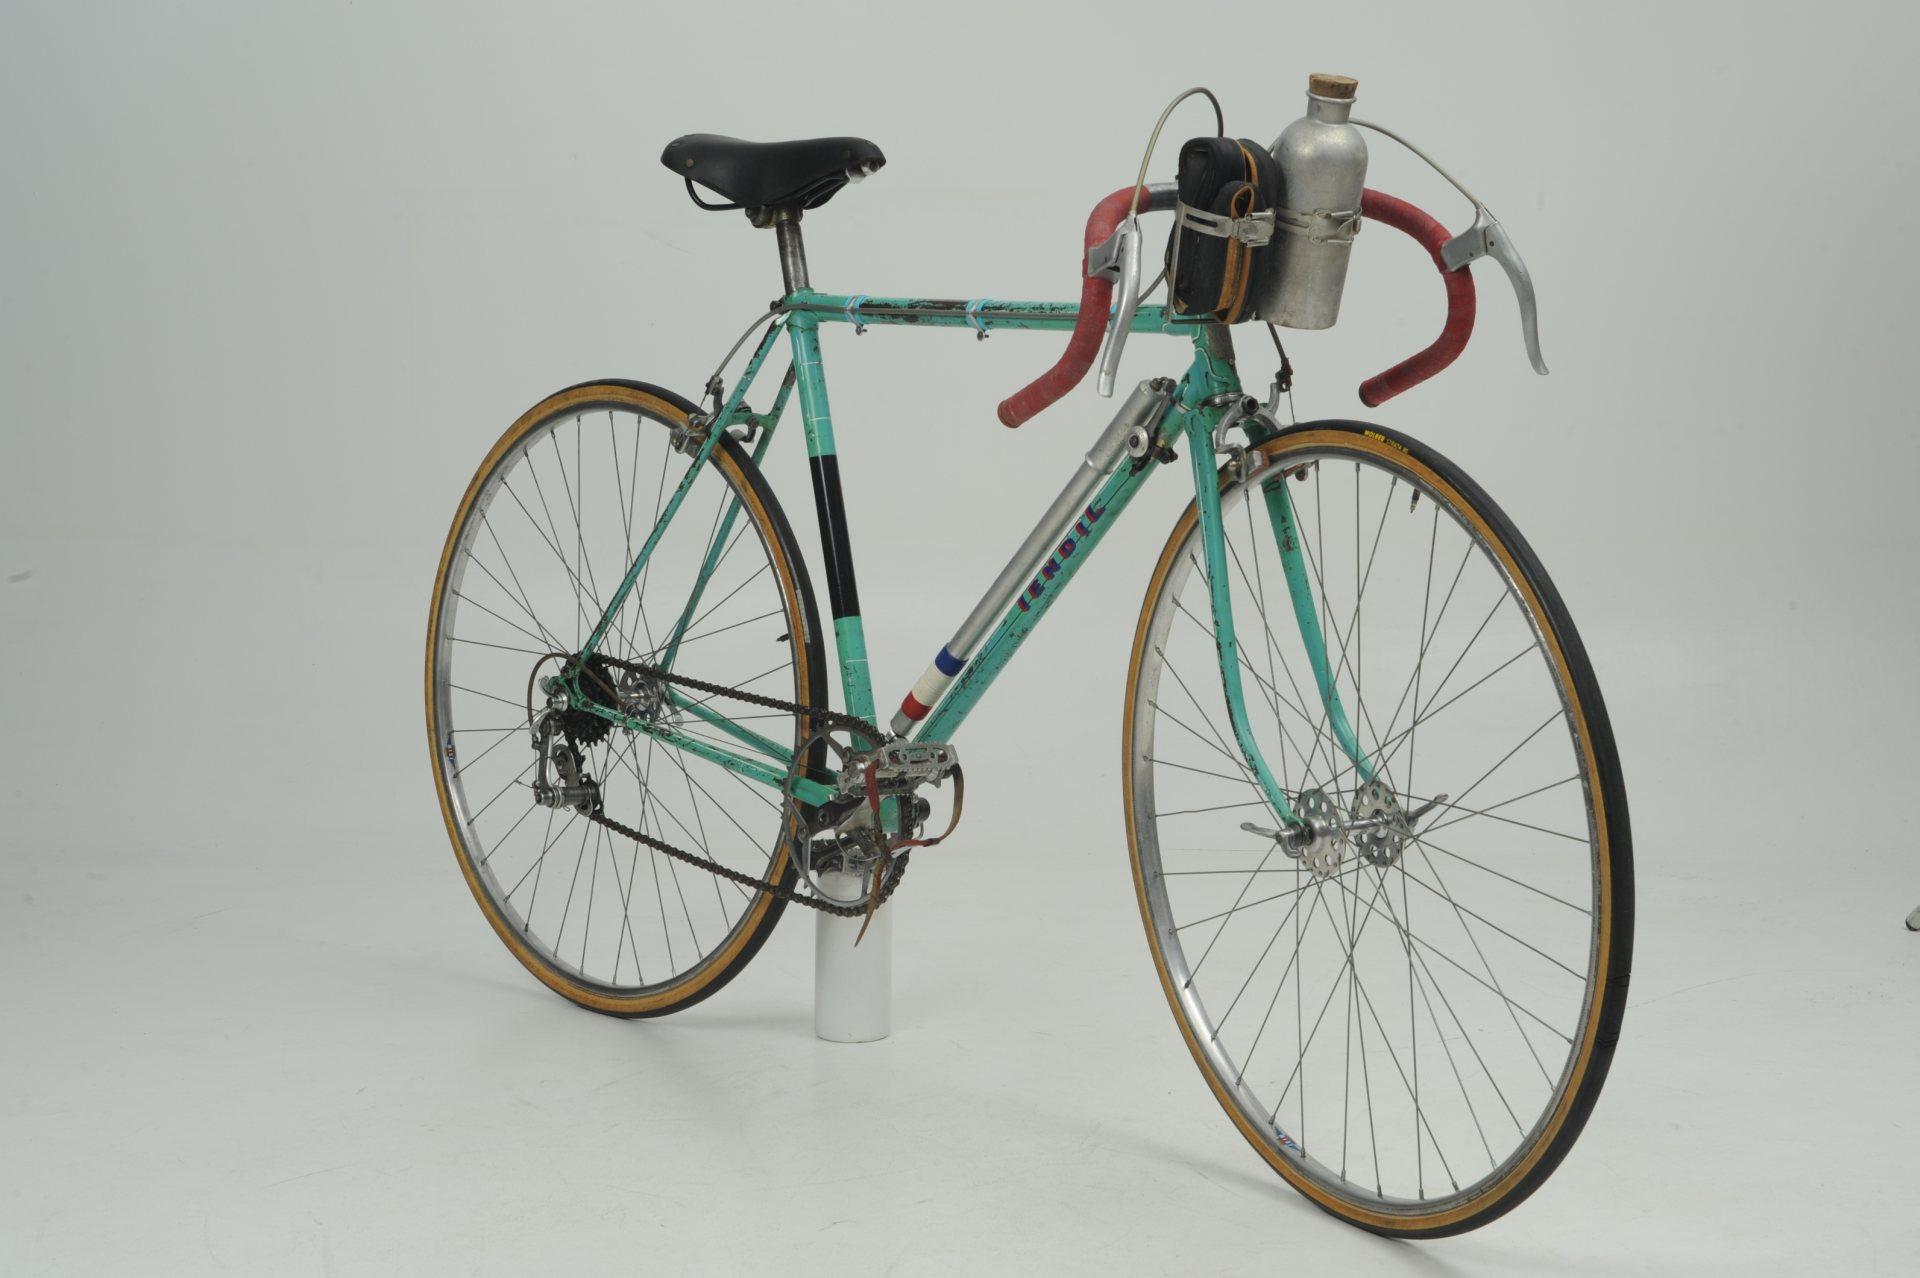 Vélo de course TENDIL 1939 - Page 2 258808vlotendilpourgogo